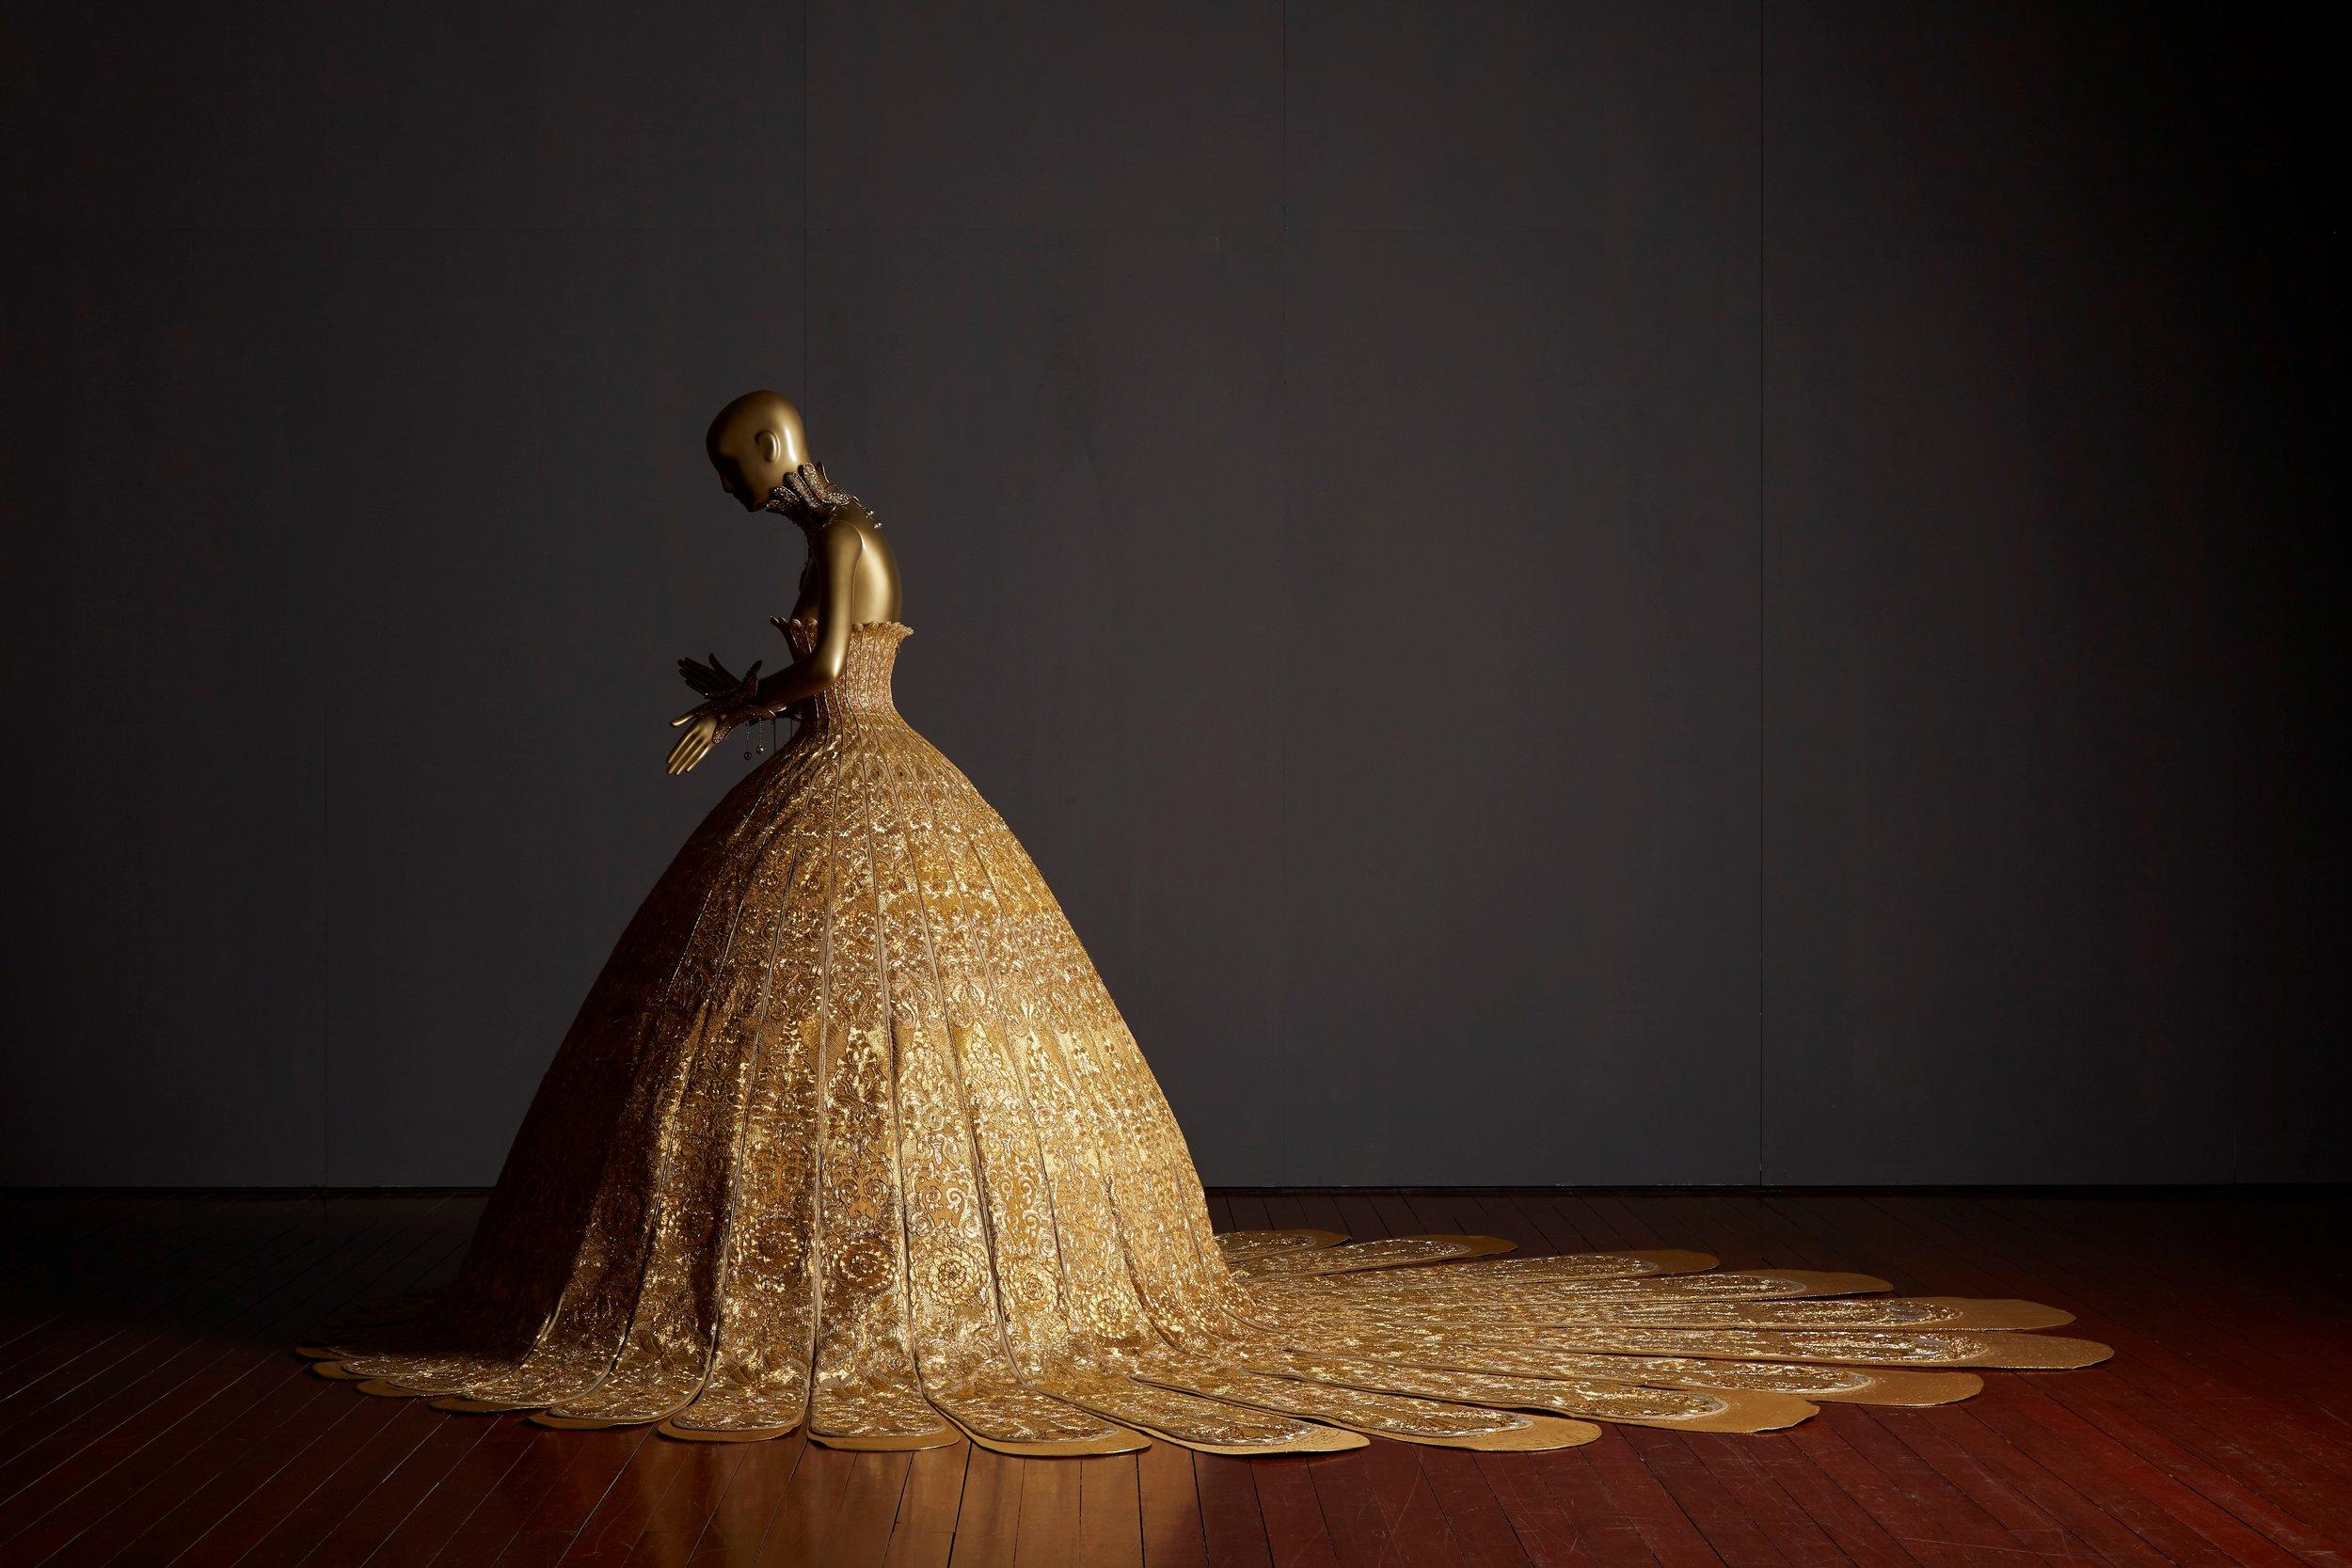 大金 (Magnificent Gold Gown). Image courtesy of Asian Civilisations Museum.